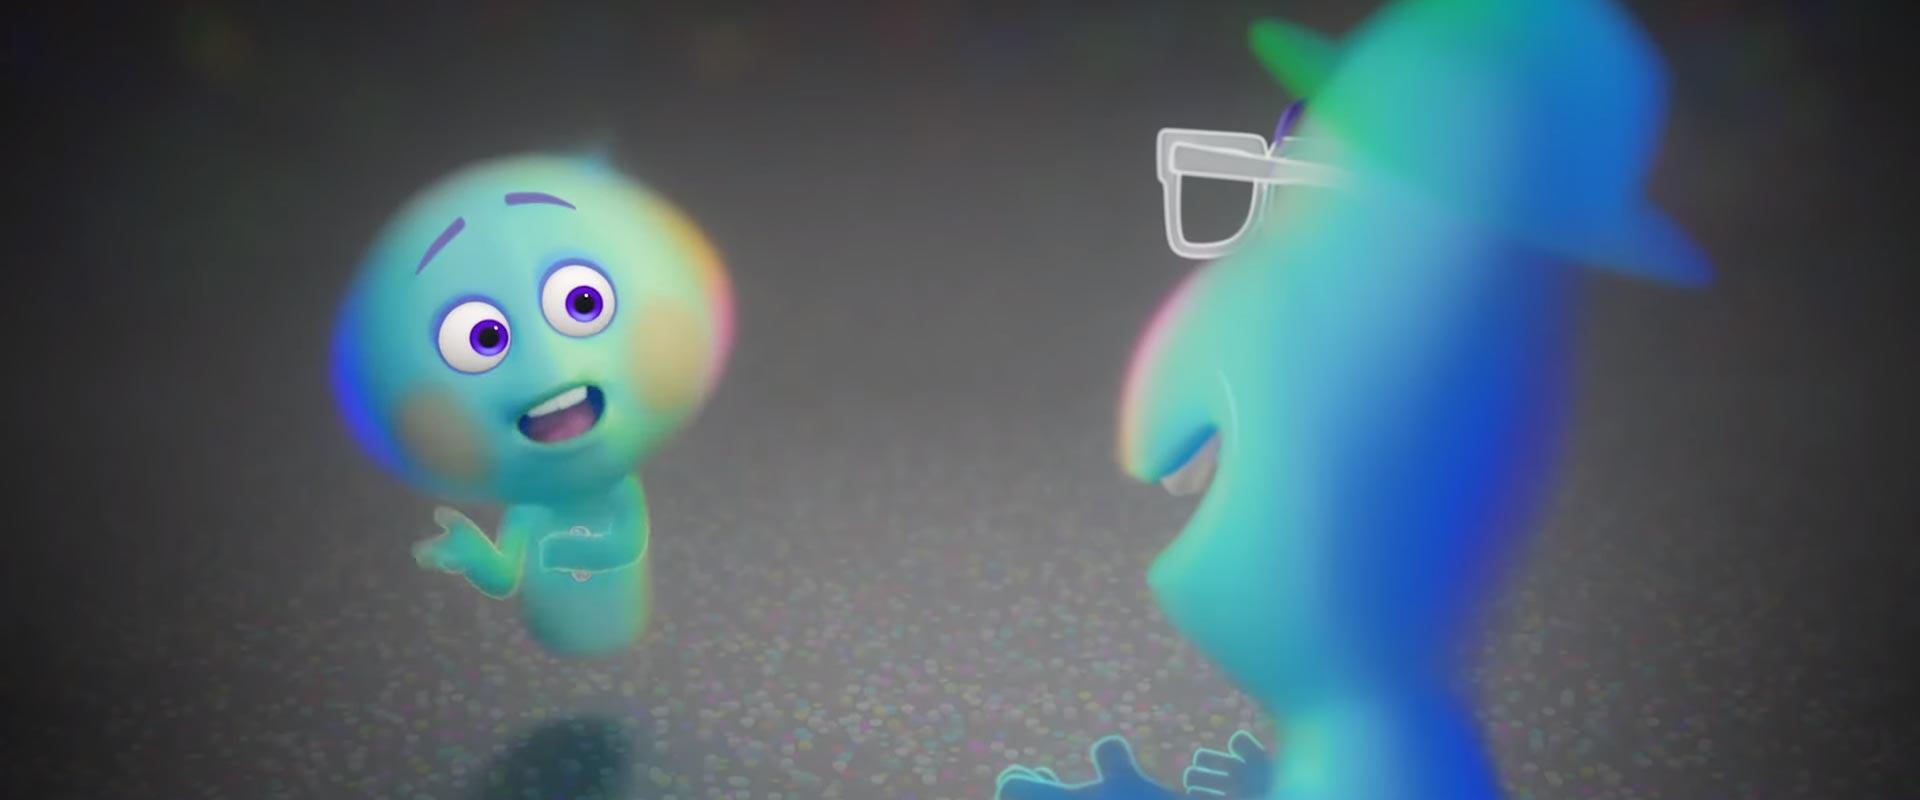 Soul Official Teaser Trailer Pixar